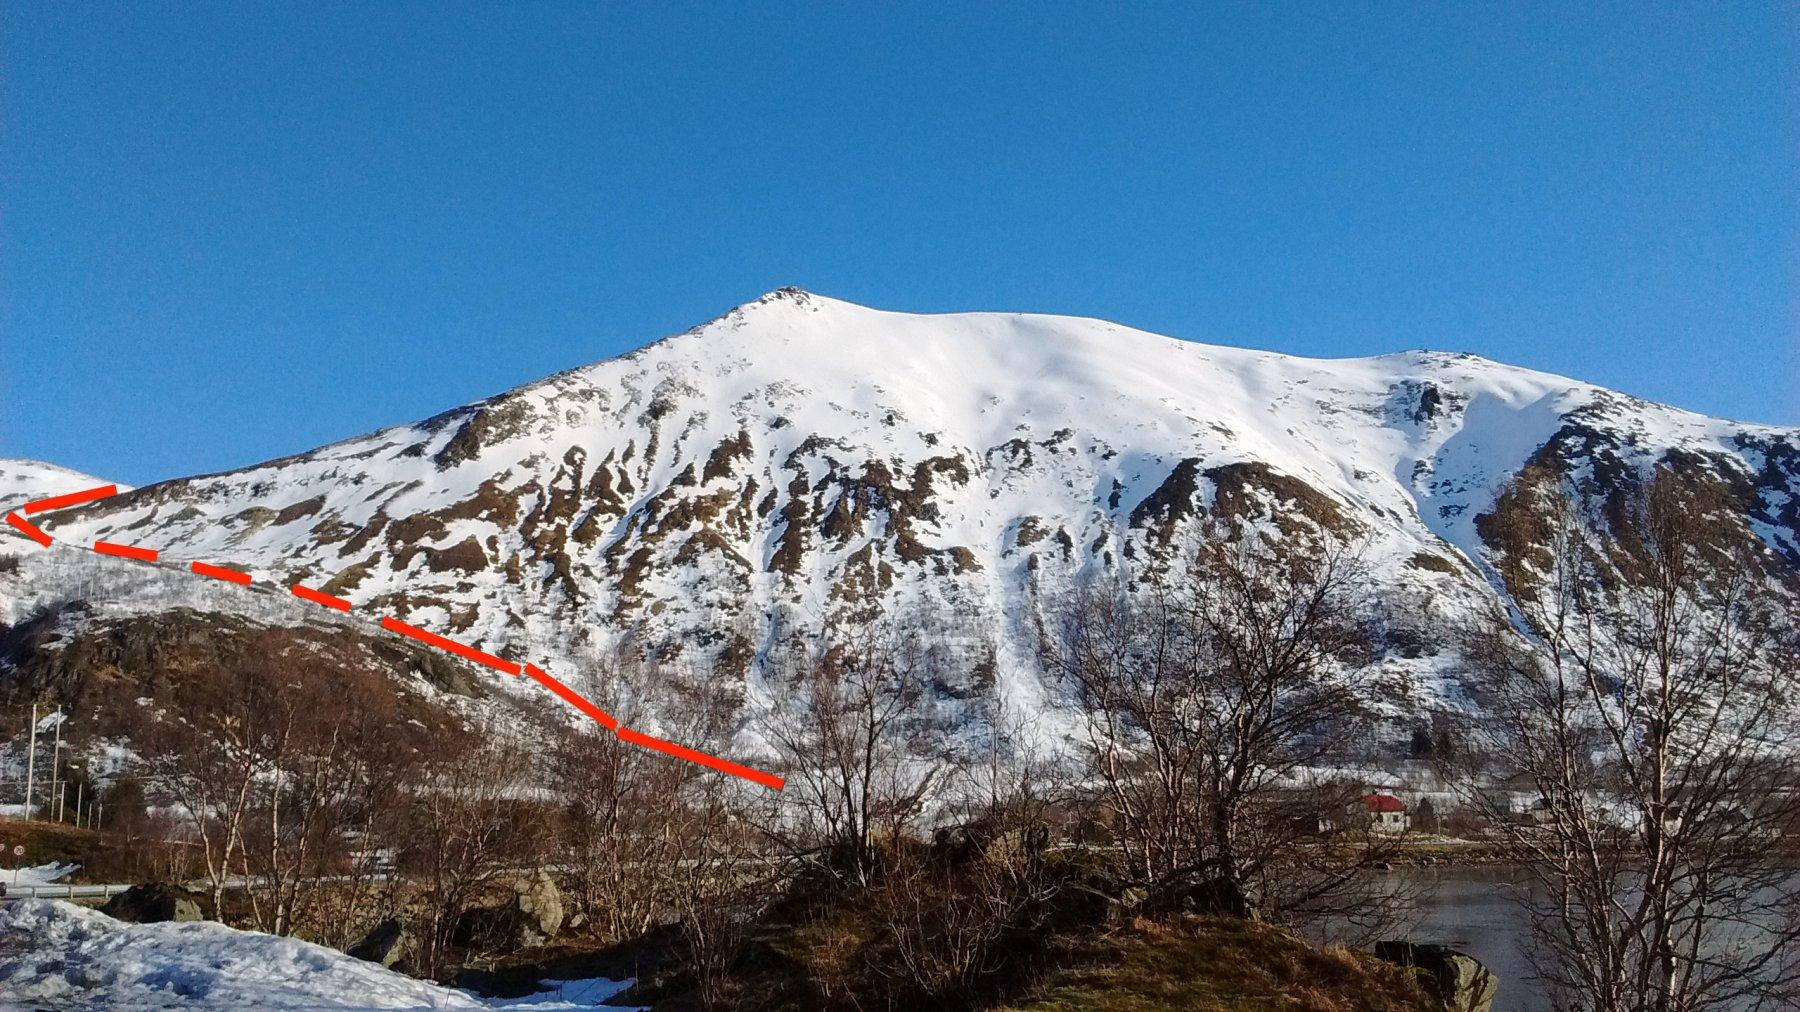 parte iniziale dell'itinerario con la salita al colle Morfjordskaret